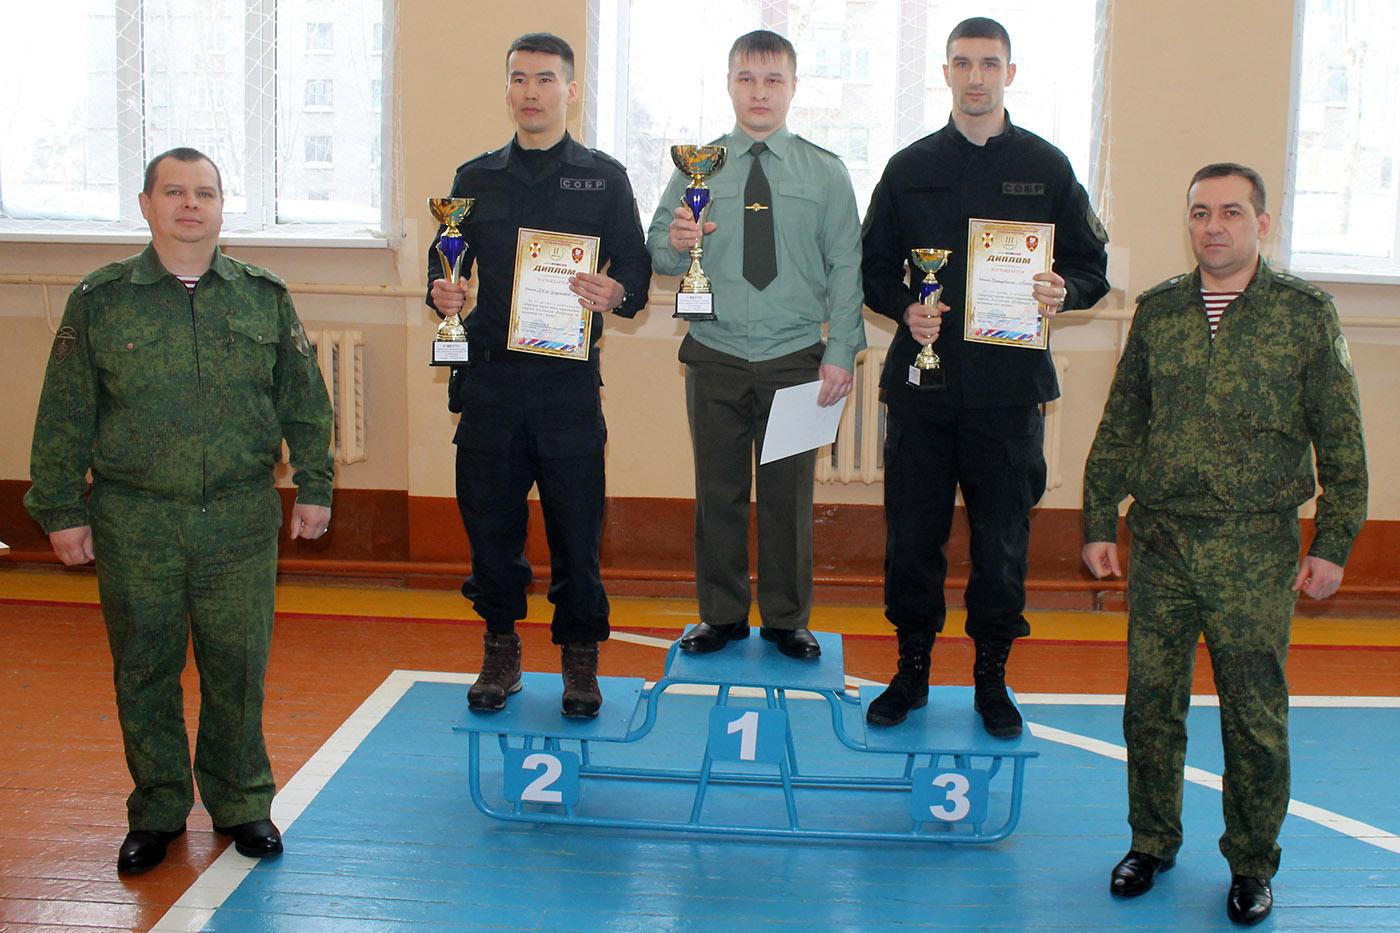 В северском соединении состоялся чемпионат Сибирского округа по шахматам